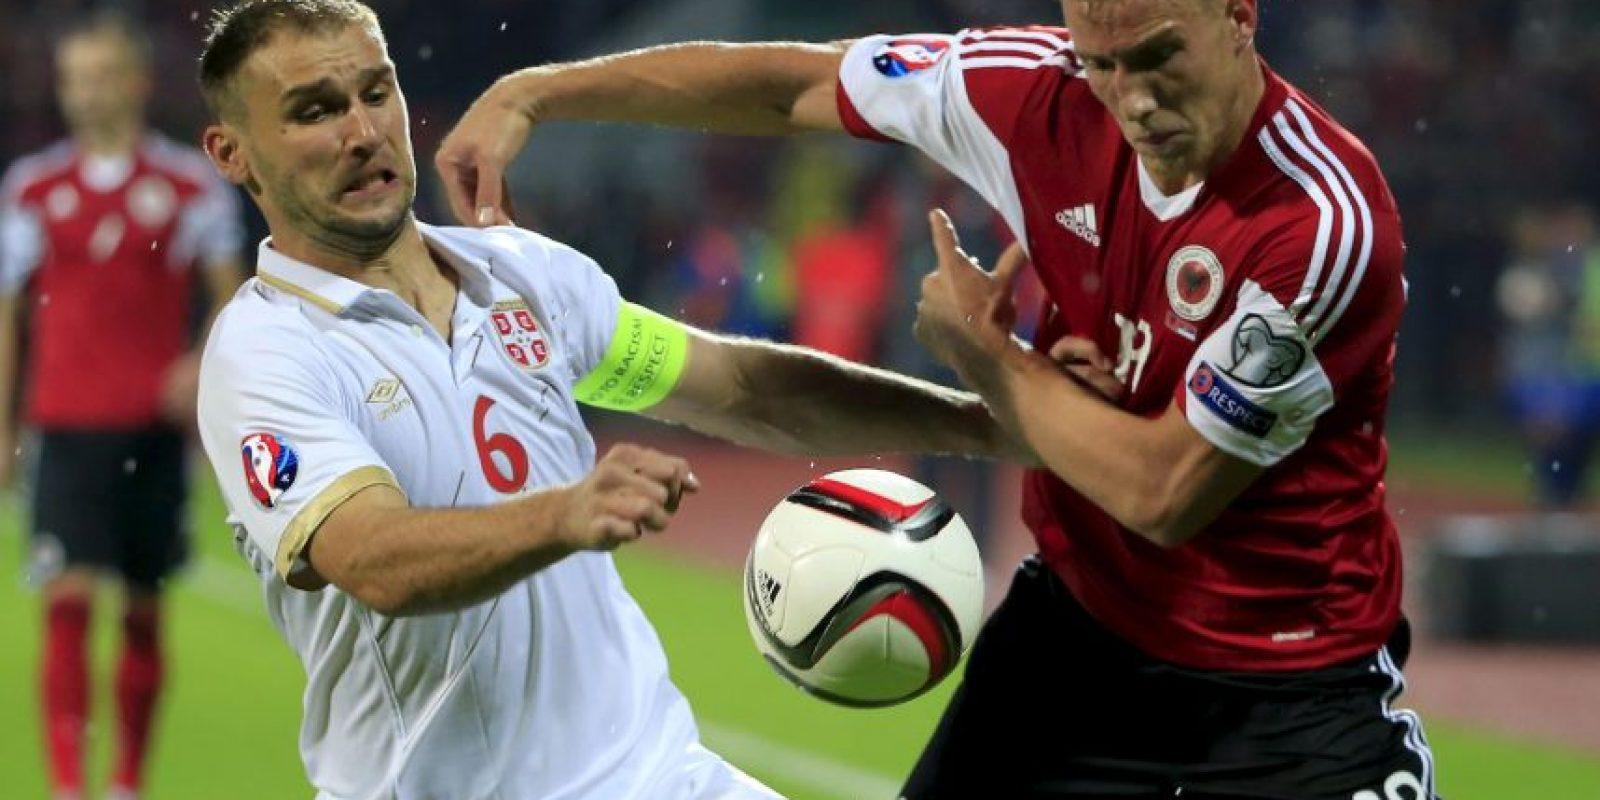 El defensa del Chelsea fue sustituido al minuto 65 del duelo entre Serbia y Albania por lesión en el tendón de la corva y será baja por tres semanas. Foto:Getty Images